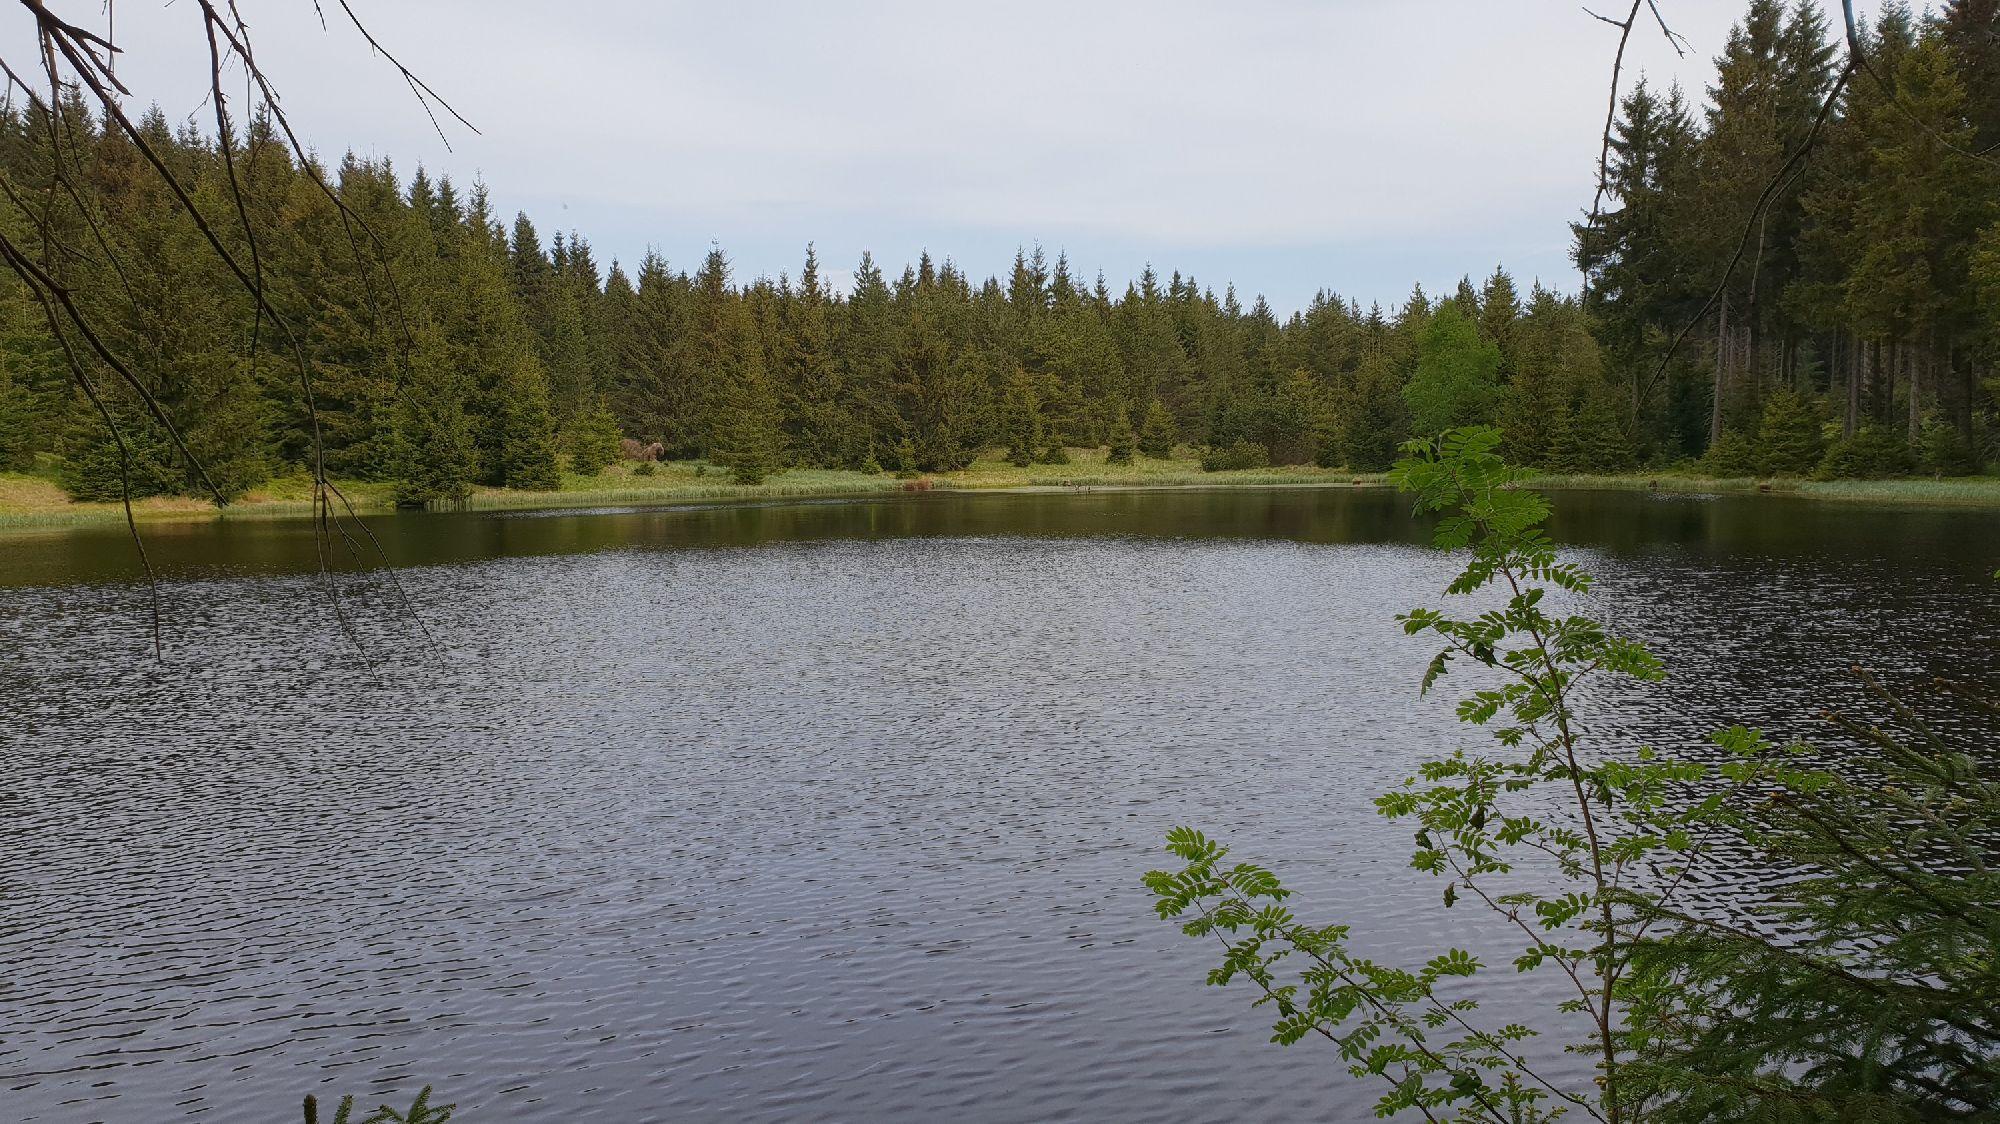 Ullersdorfer Teich zur Männertagswanderung